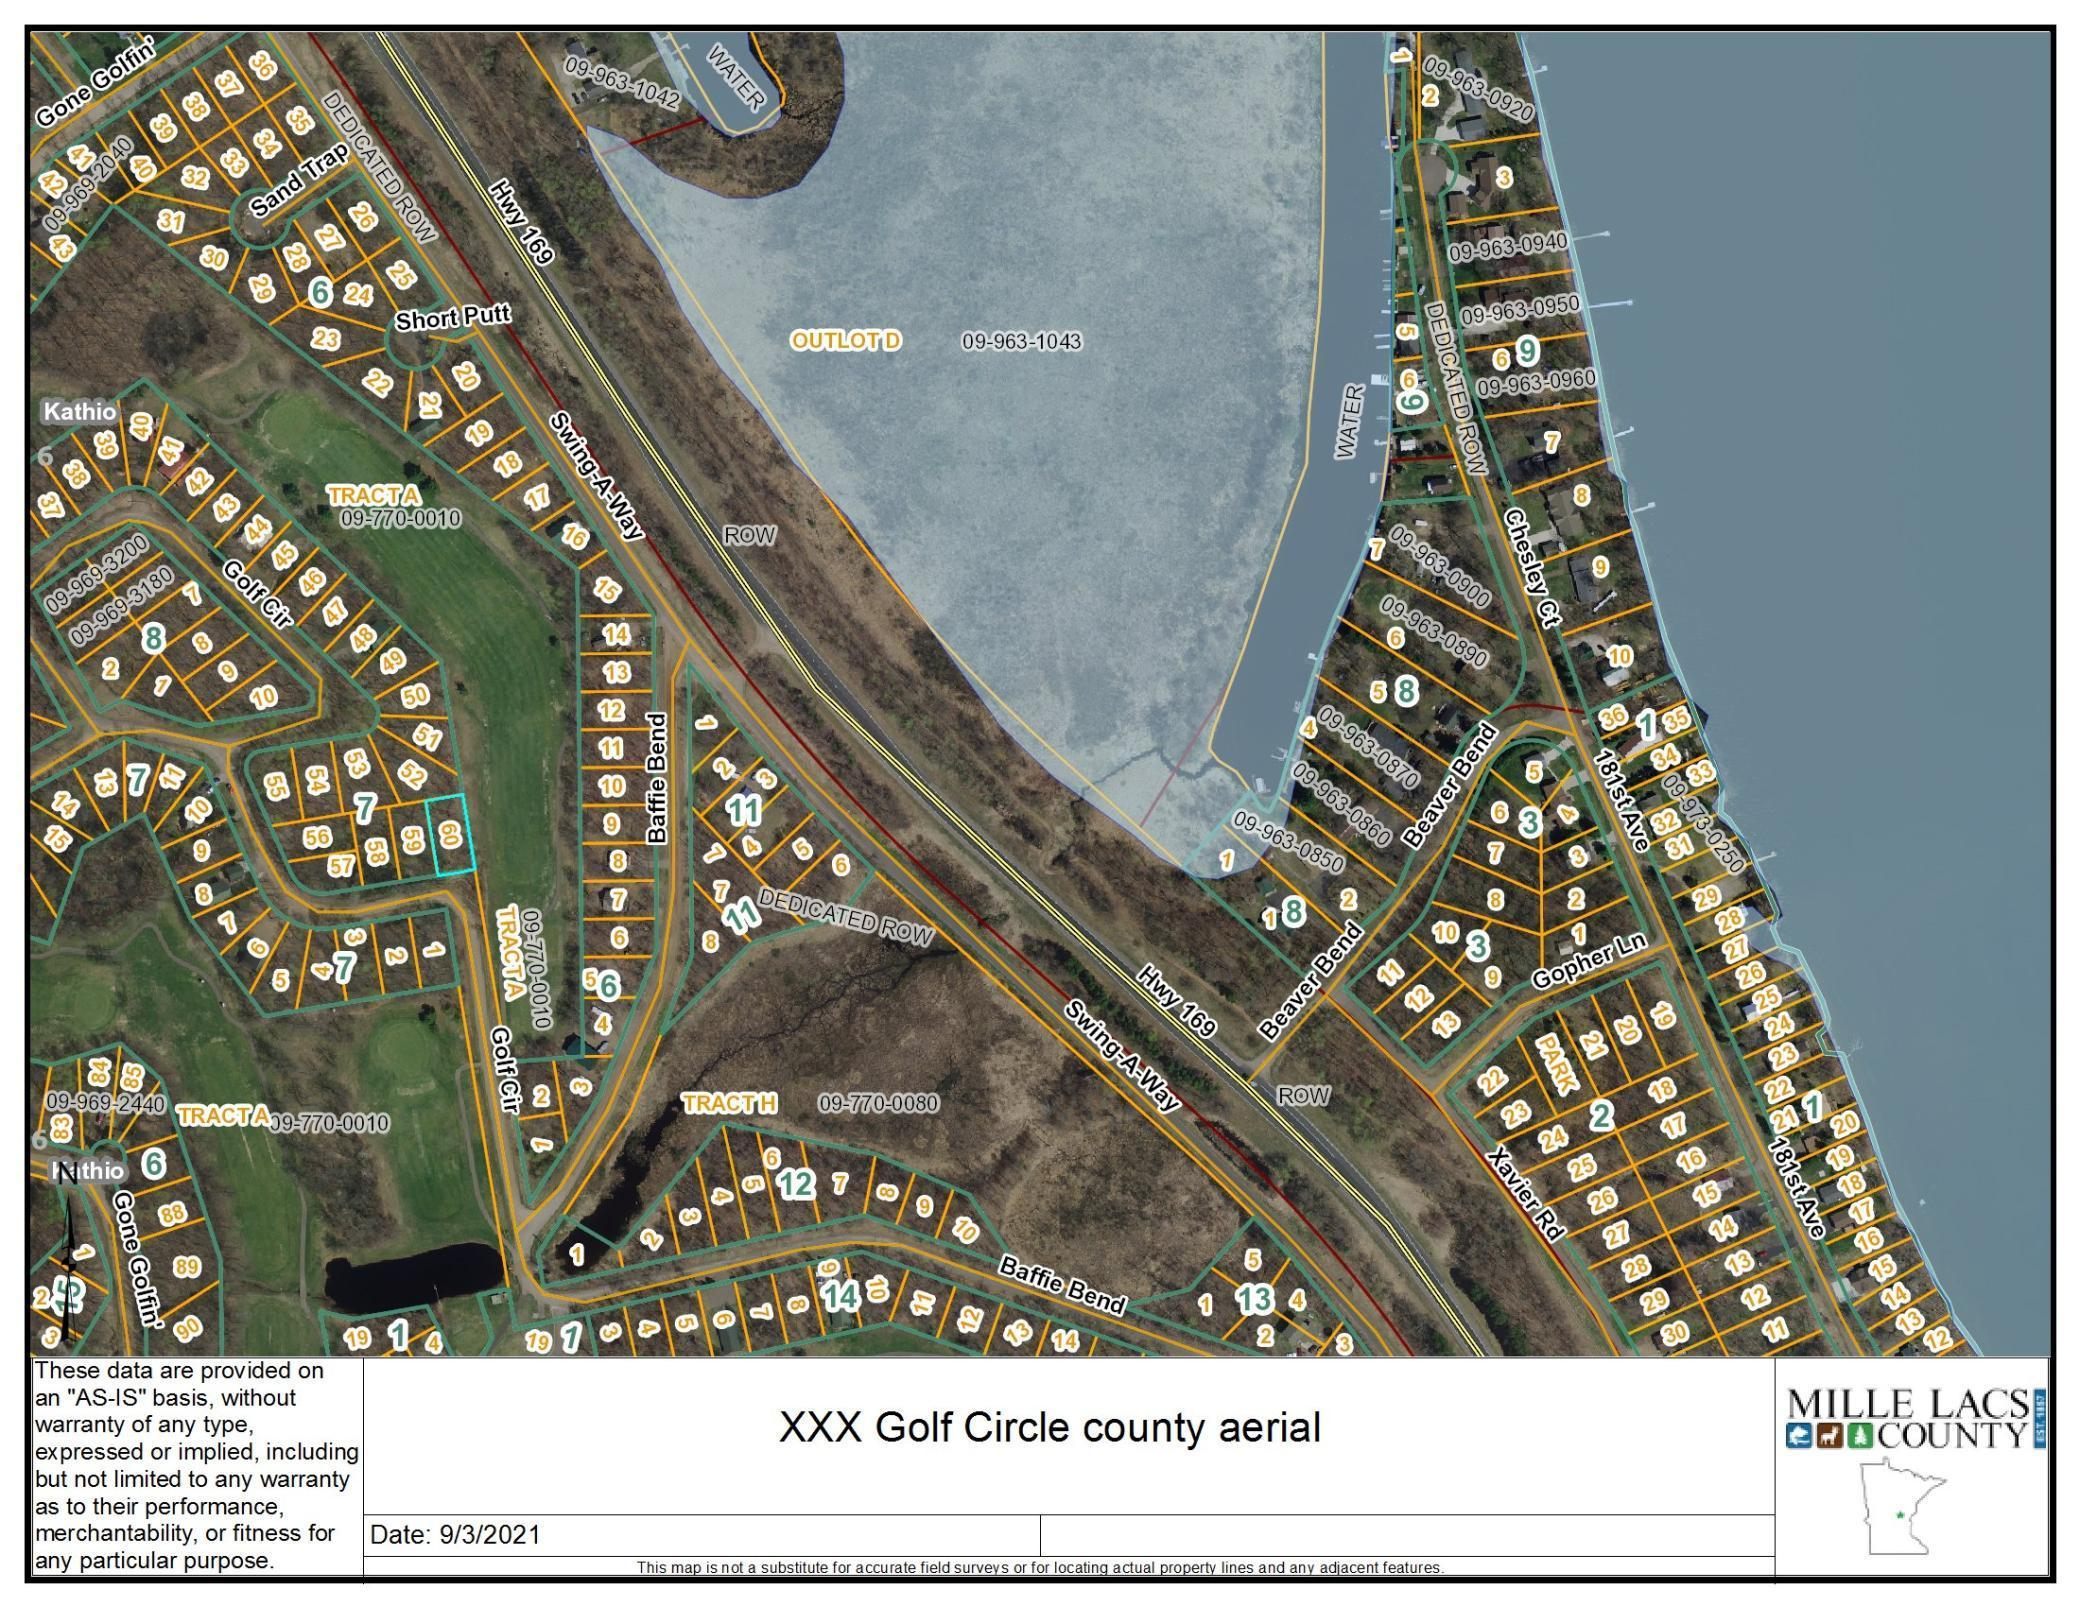 XXX Golf Circle